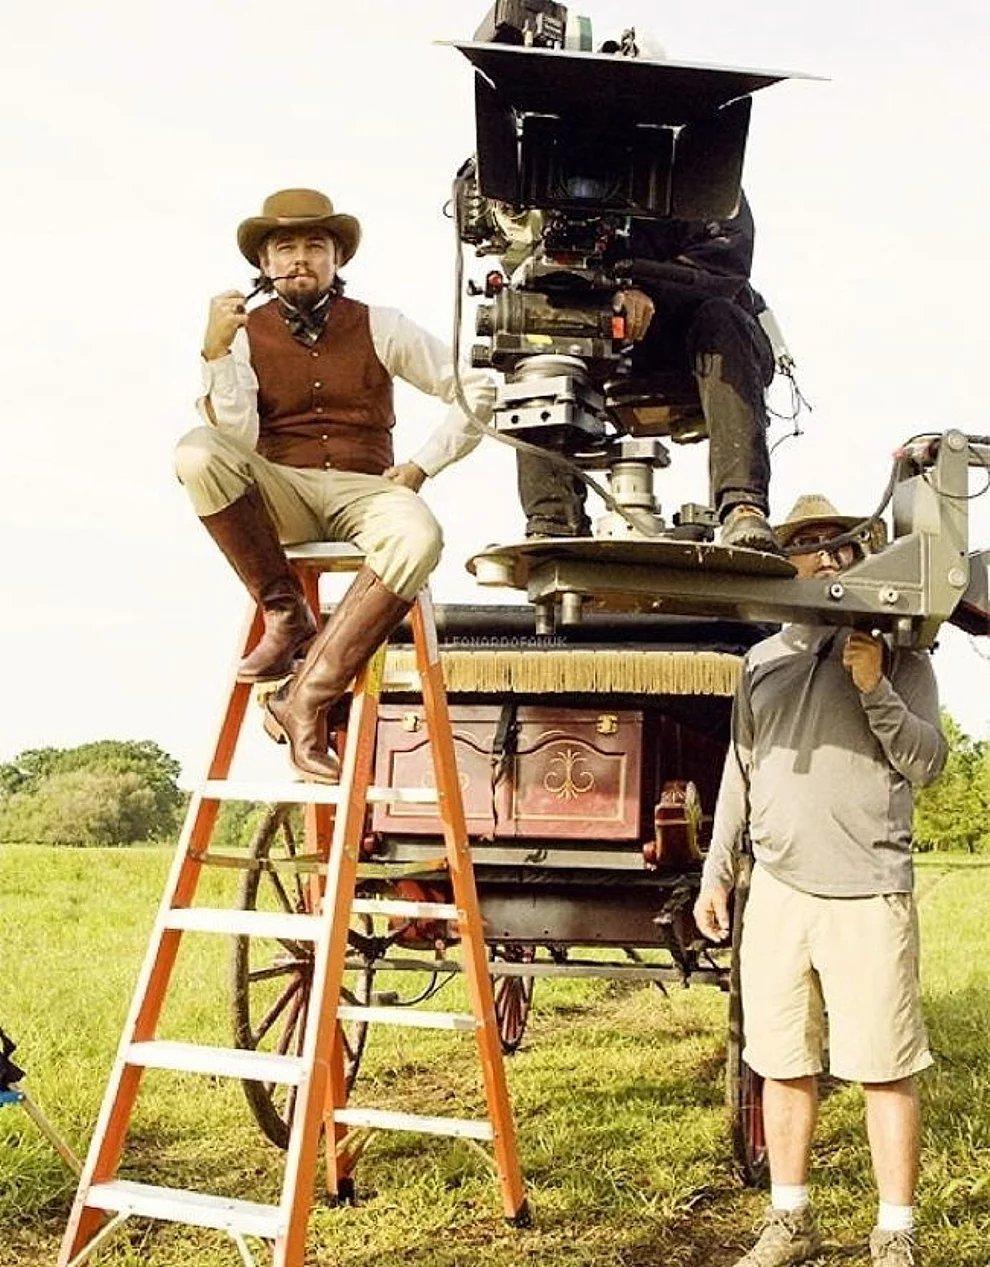 s yQDQ65Sob1J6UR8hlT0tlYNWsST - Detrás de las cámaras de 25 famosas películas que te harán ver el cine de diferente manera